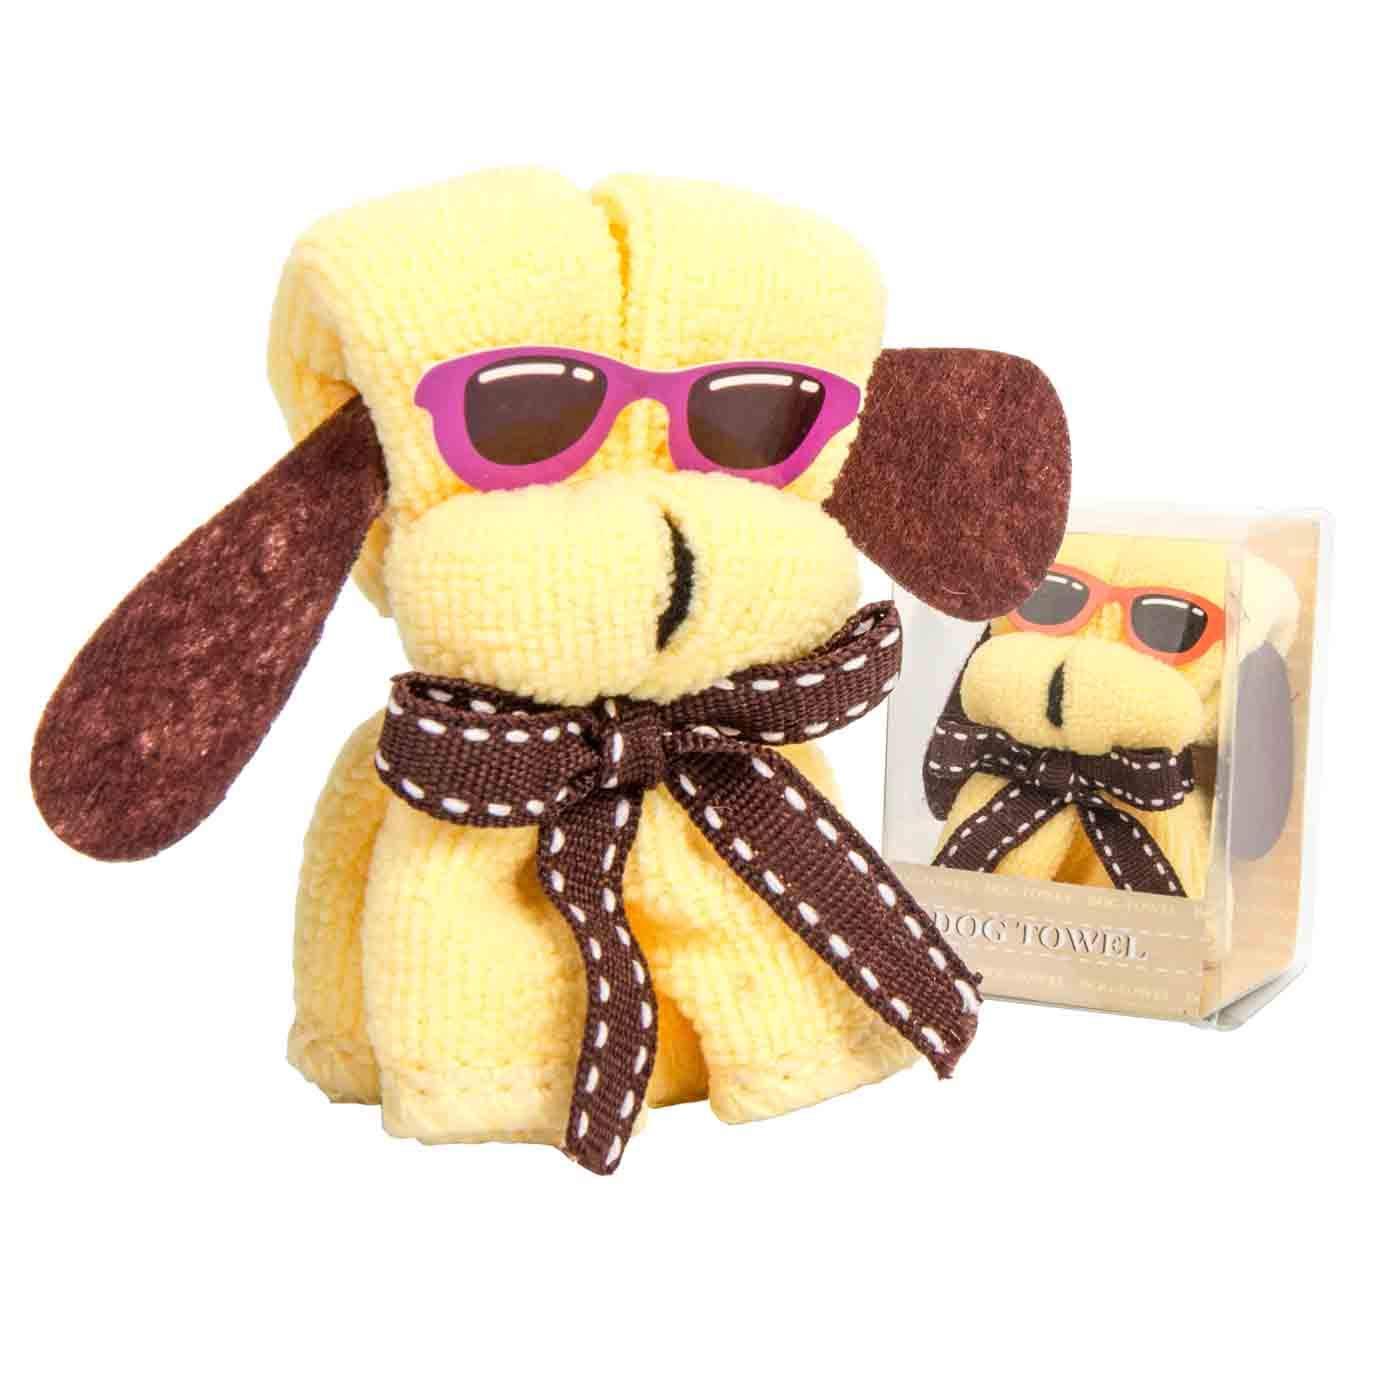 Lote de 15 Divertidas Toallas Forma Perro con Gafas en Caja (Surtidas). Higiene y Belleza. Recuerdos y Complementos. Regalos Originales.